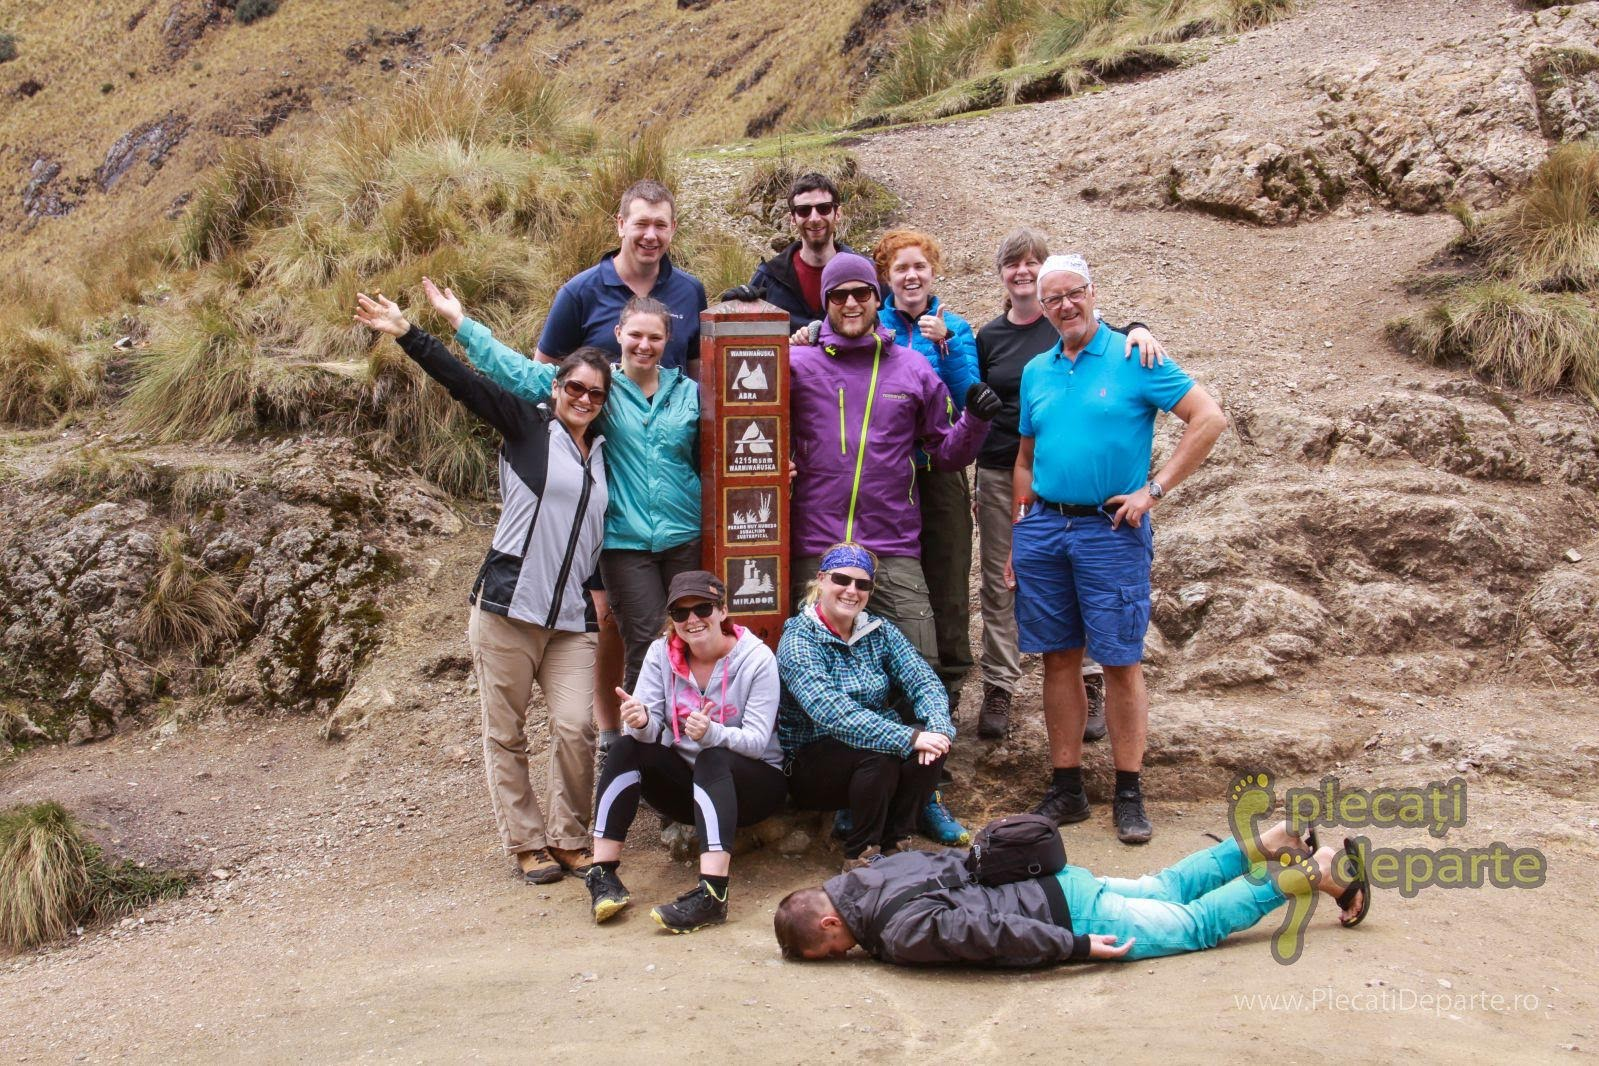 Turisti care se fotografiaza la dead Woman's Pass (pasul Femeii Moarte), pe Inca Trail